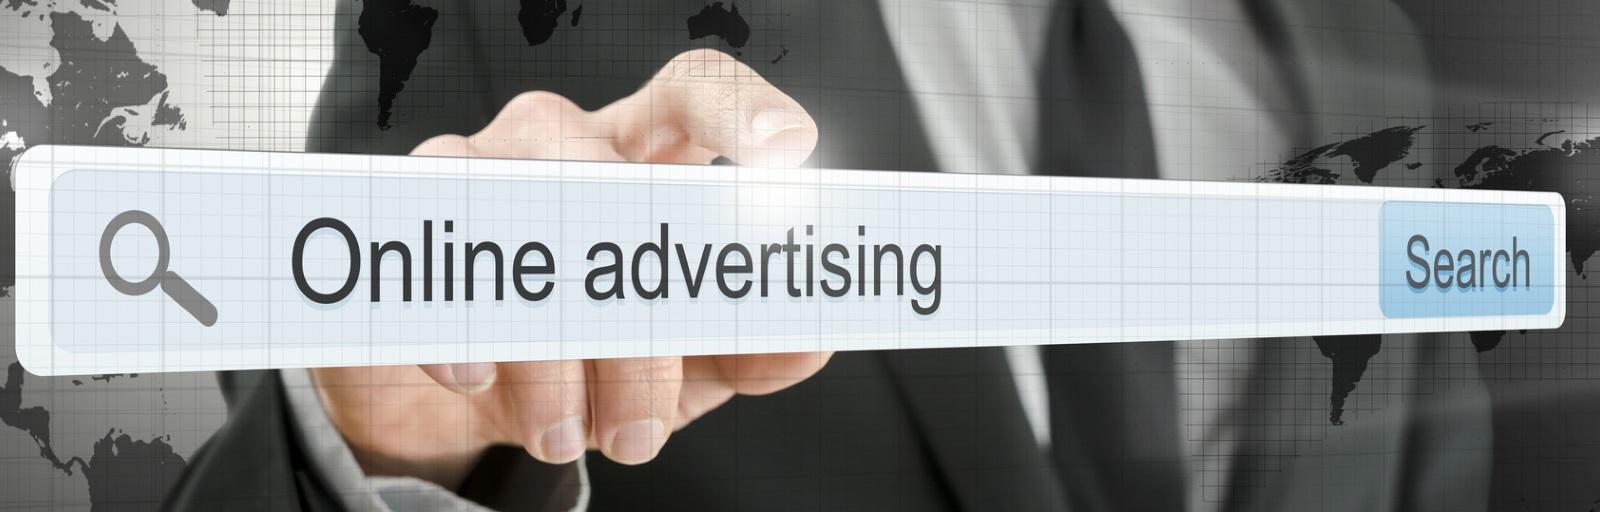 Διαφήμιση CPC, internet marketing, διαφήμιση στο internet